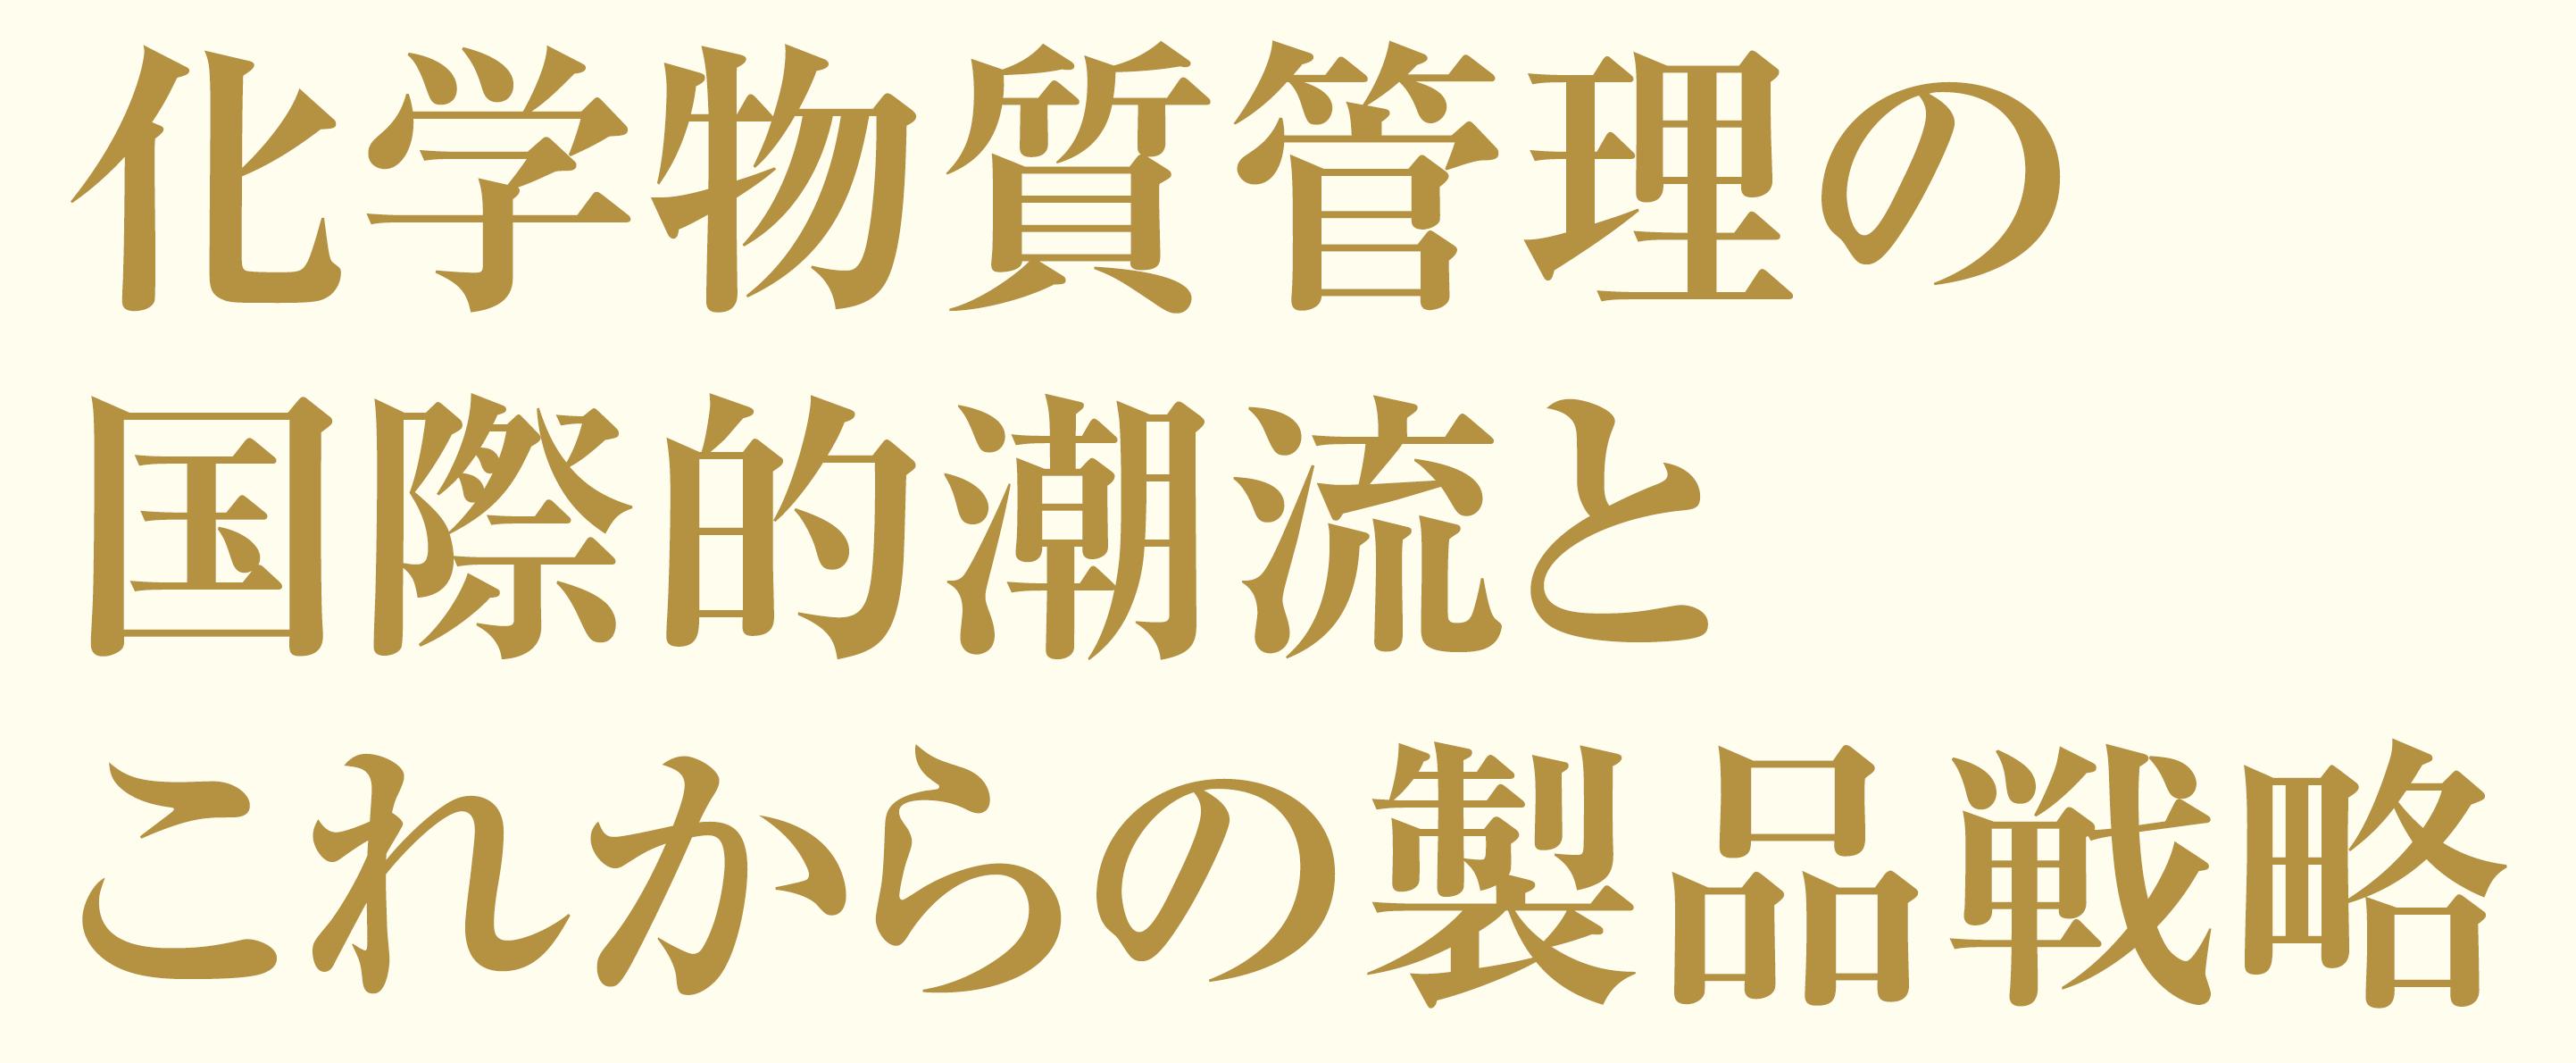 201410_kitanoXkasagi_catchcopy.png